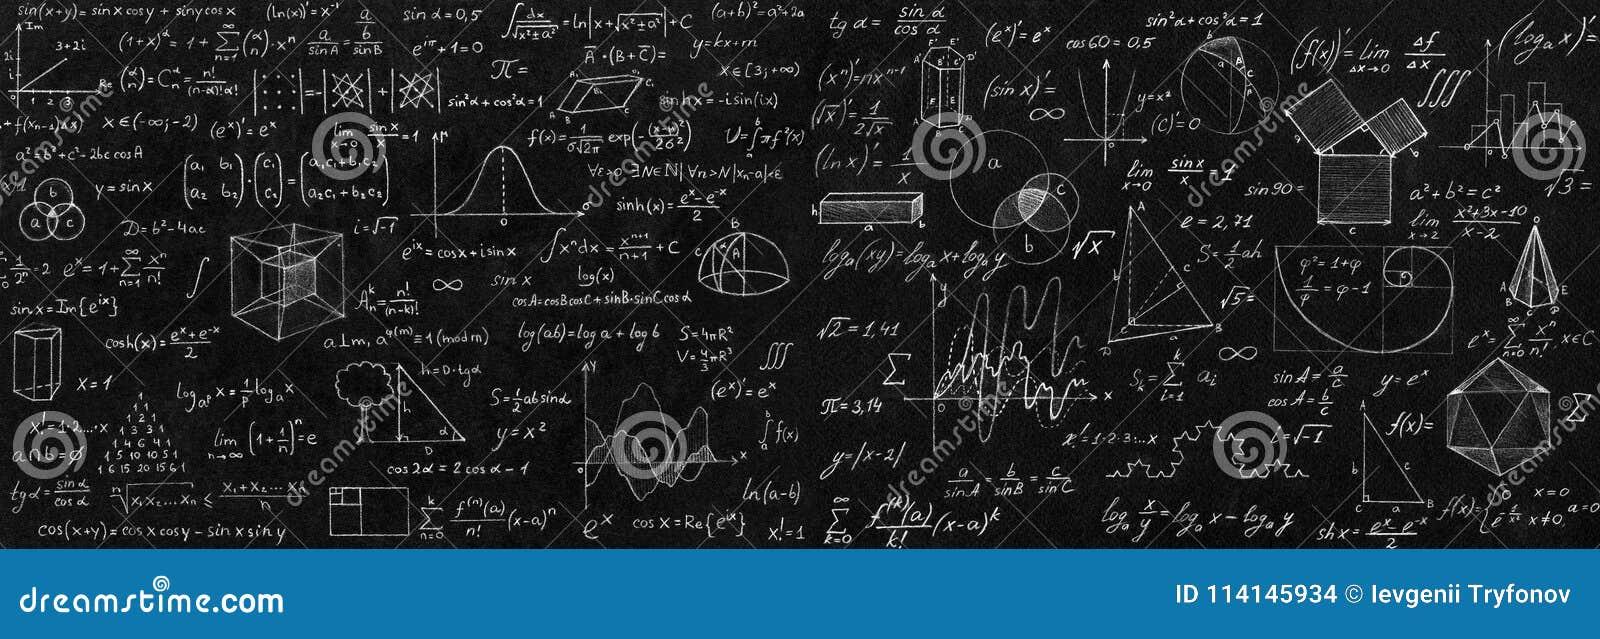 Lavagna iscritta con le formule ed i calcoli scientifici i